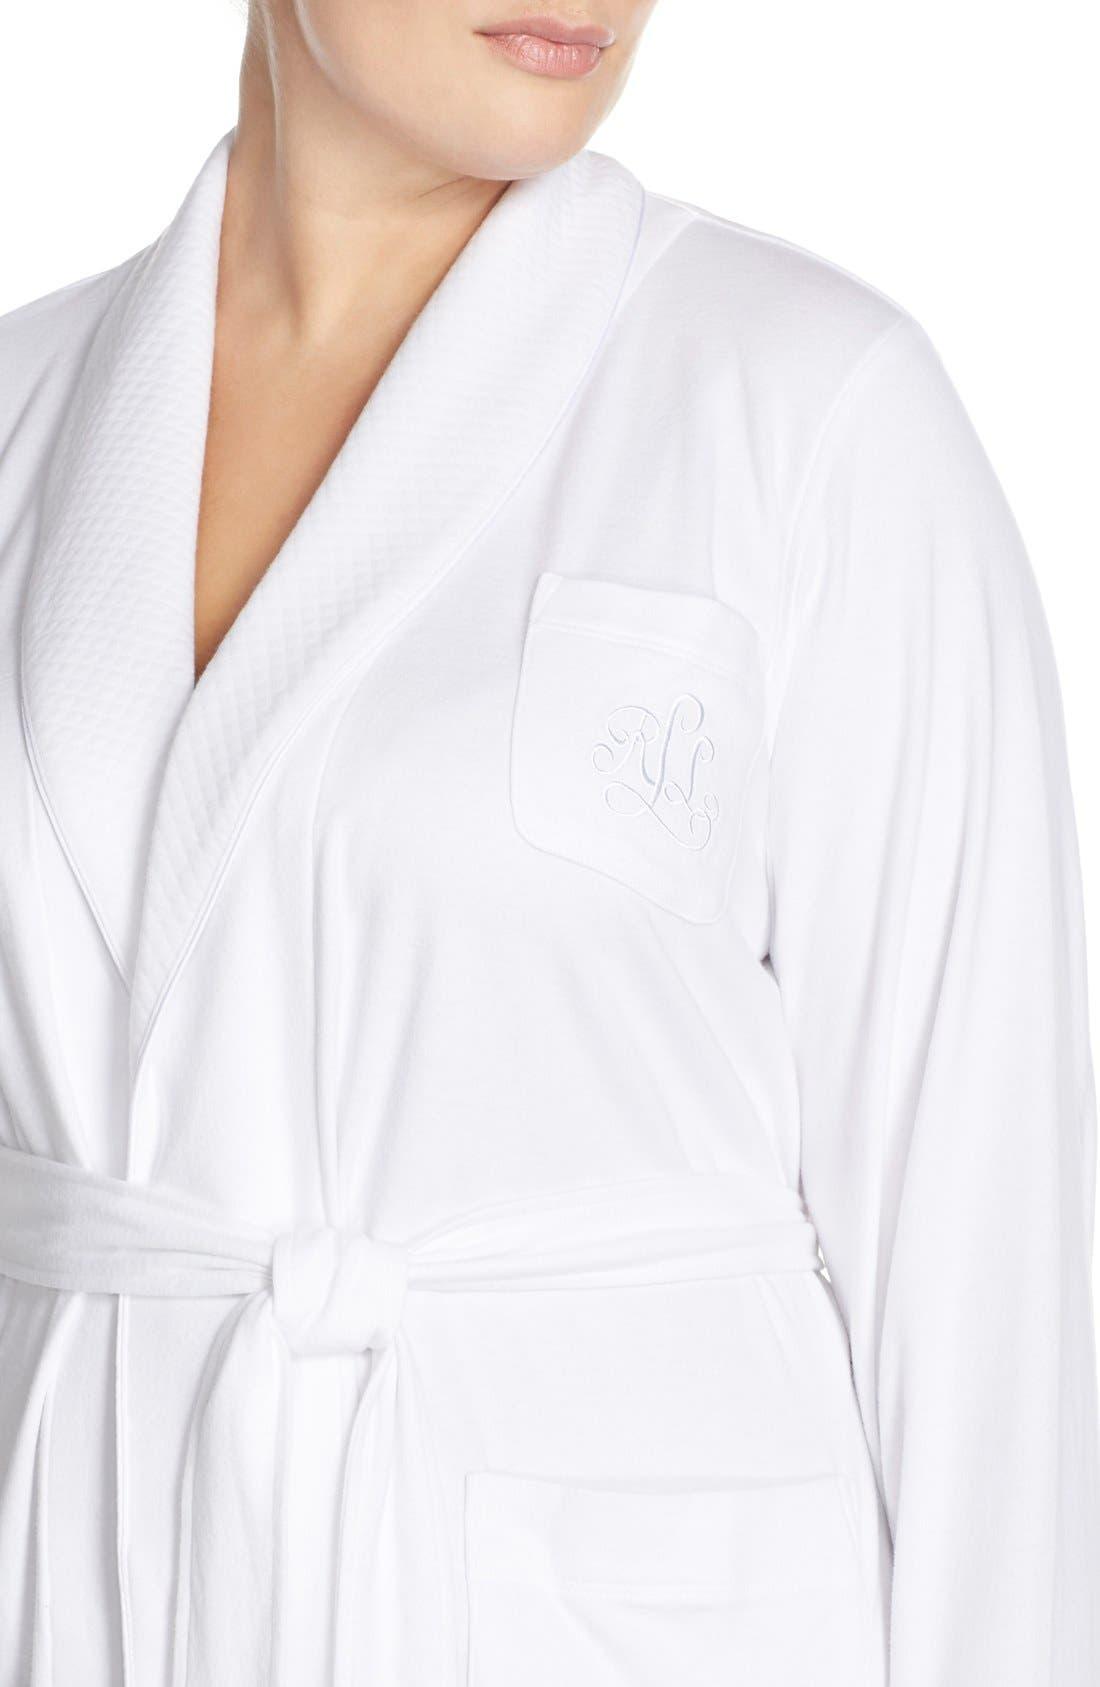 LAUREN RALPH LAUREN, Shawl Collar Robe, Alternate thumbnail 5, color, WHITE